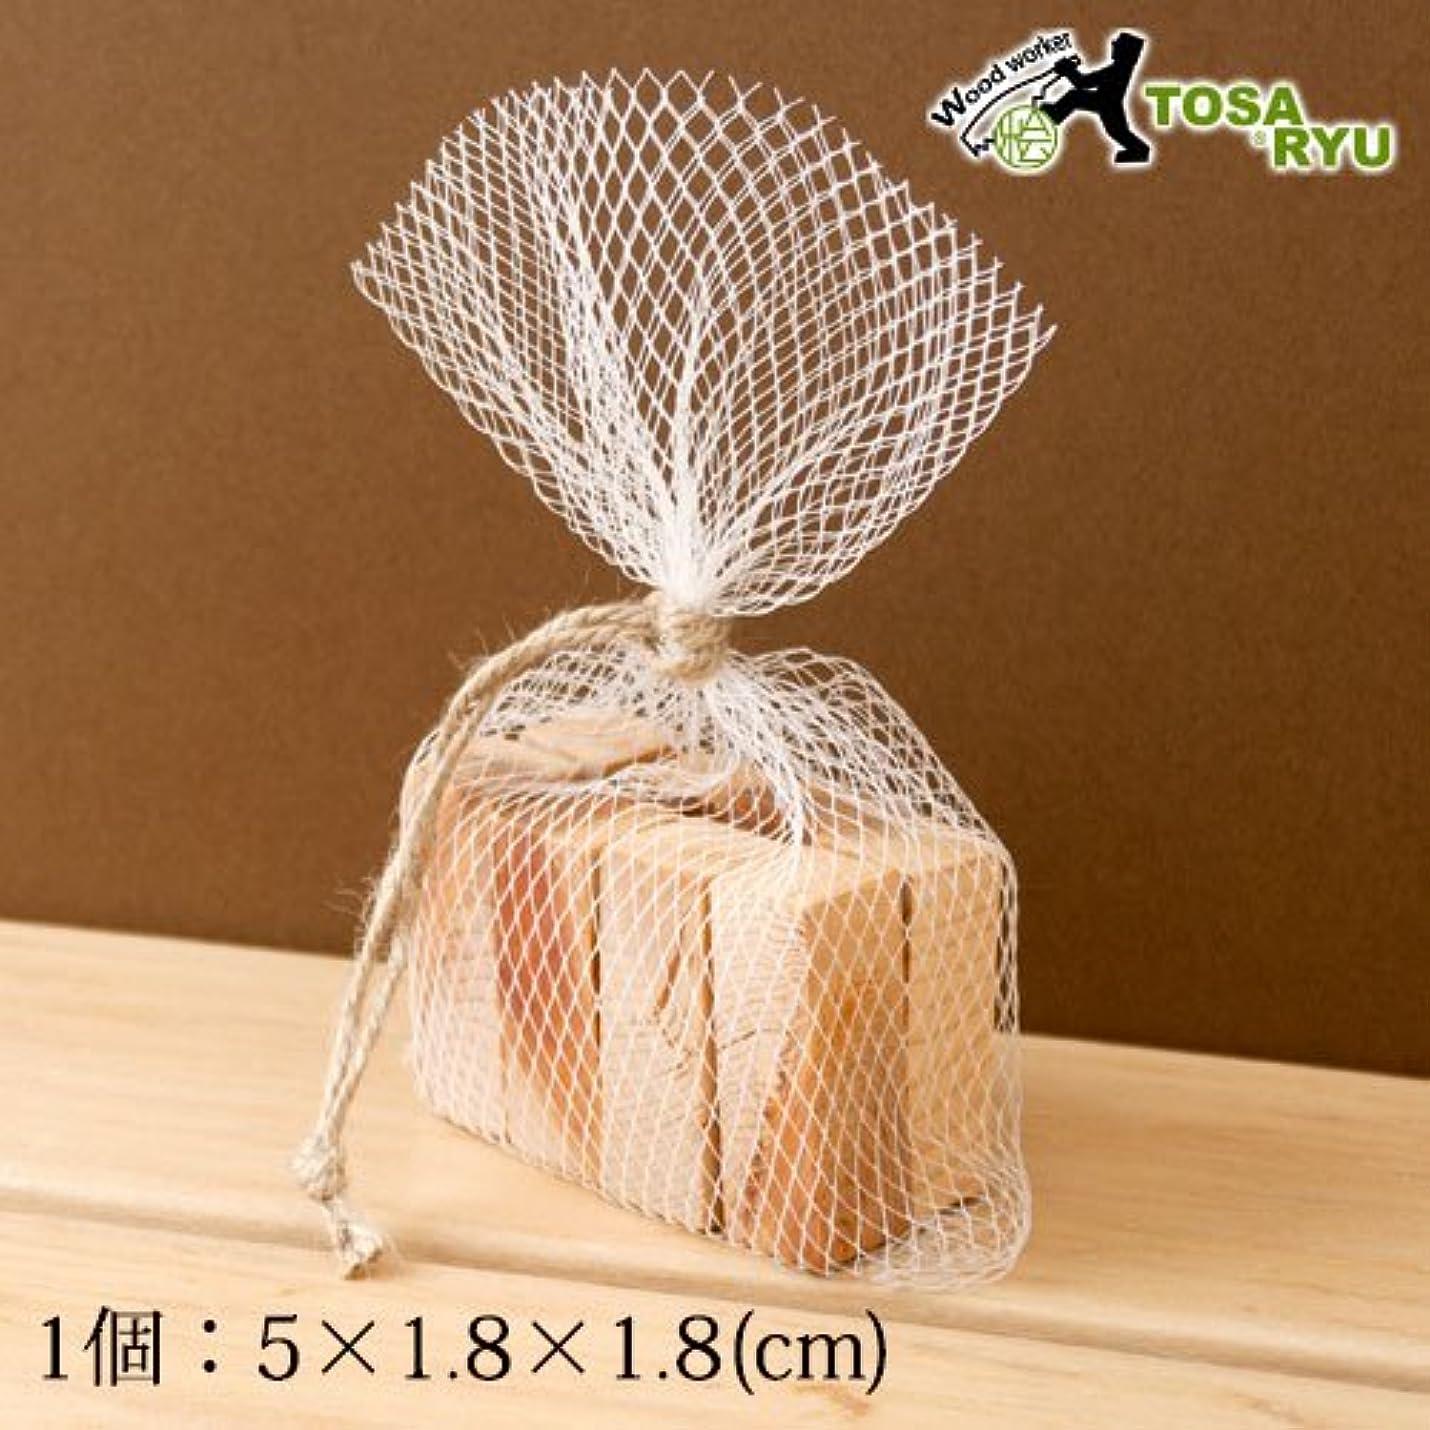 花輪悪化させる発見土佐龍アロマブロックメッシュ袋入り高知県の工芸品Bath additive of cypress, Kochi craft